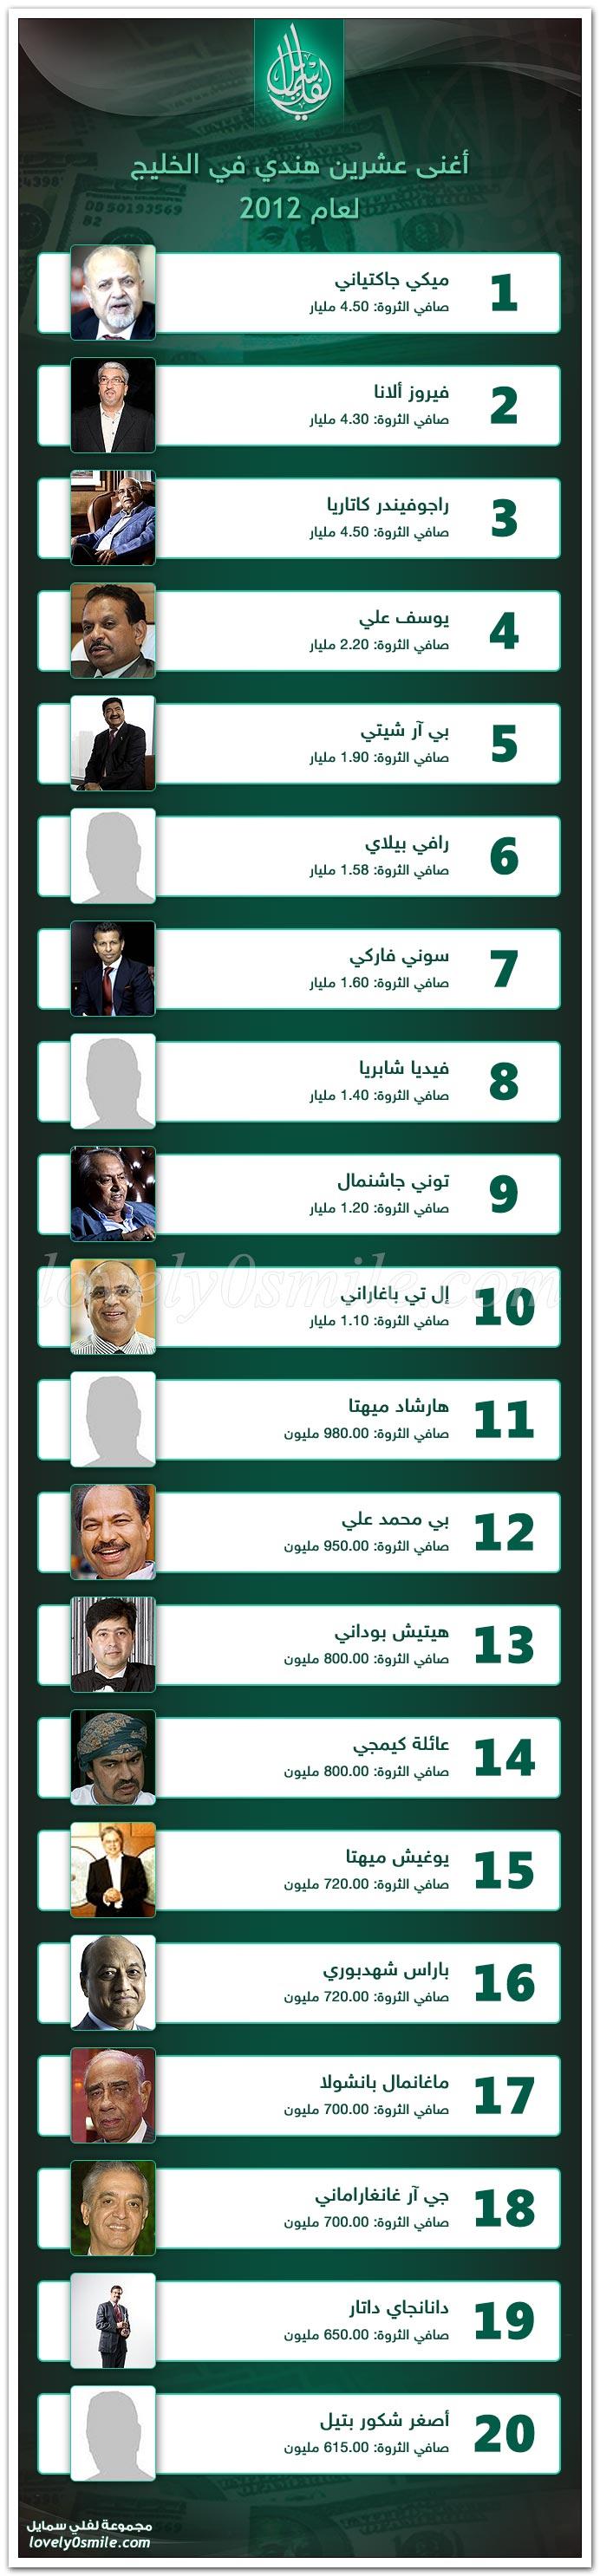 أغنى عشرين هندي في الخليج لعام 2012